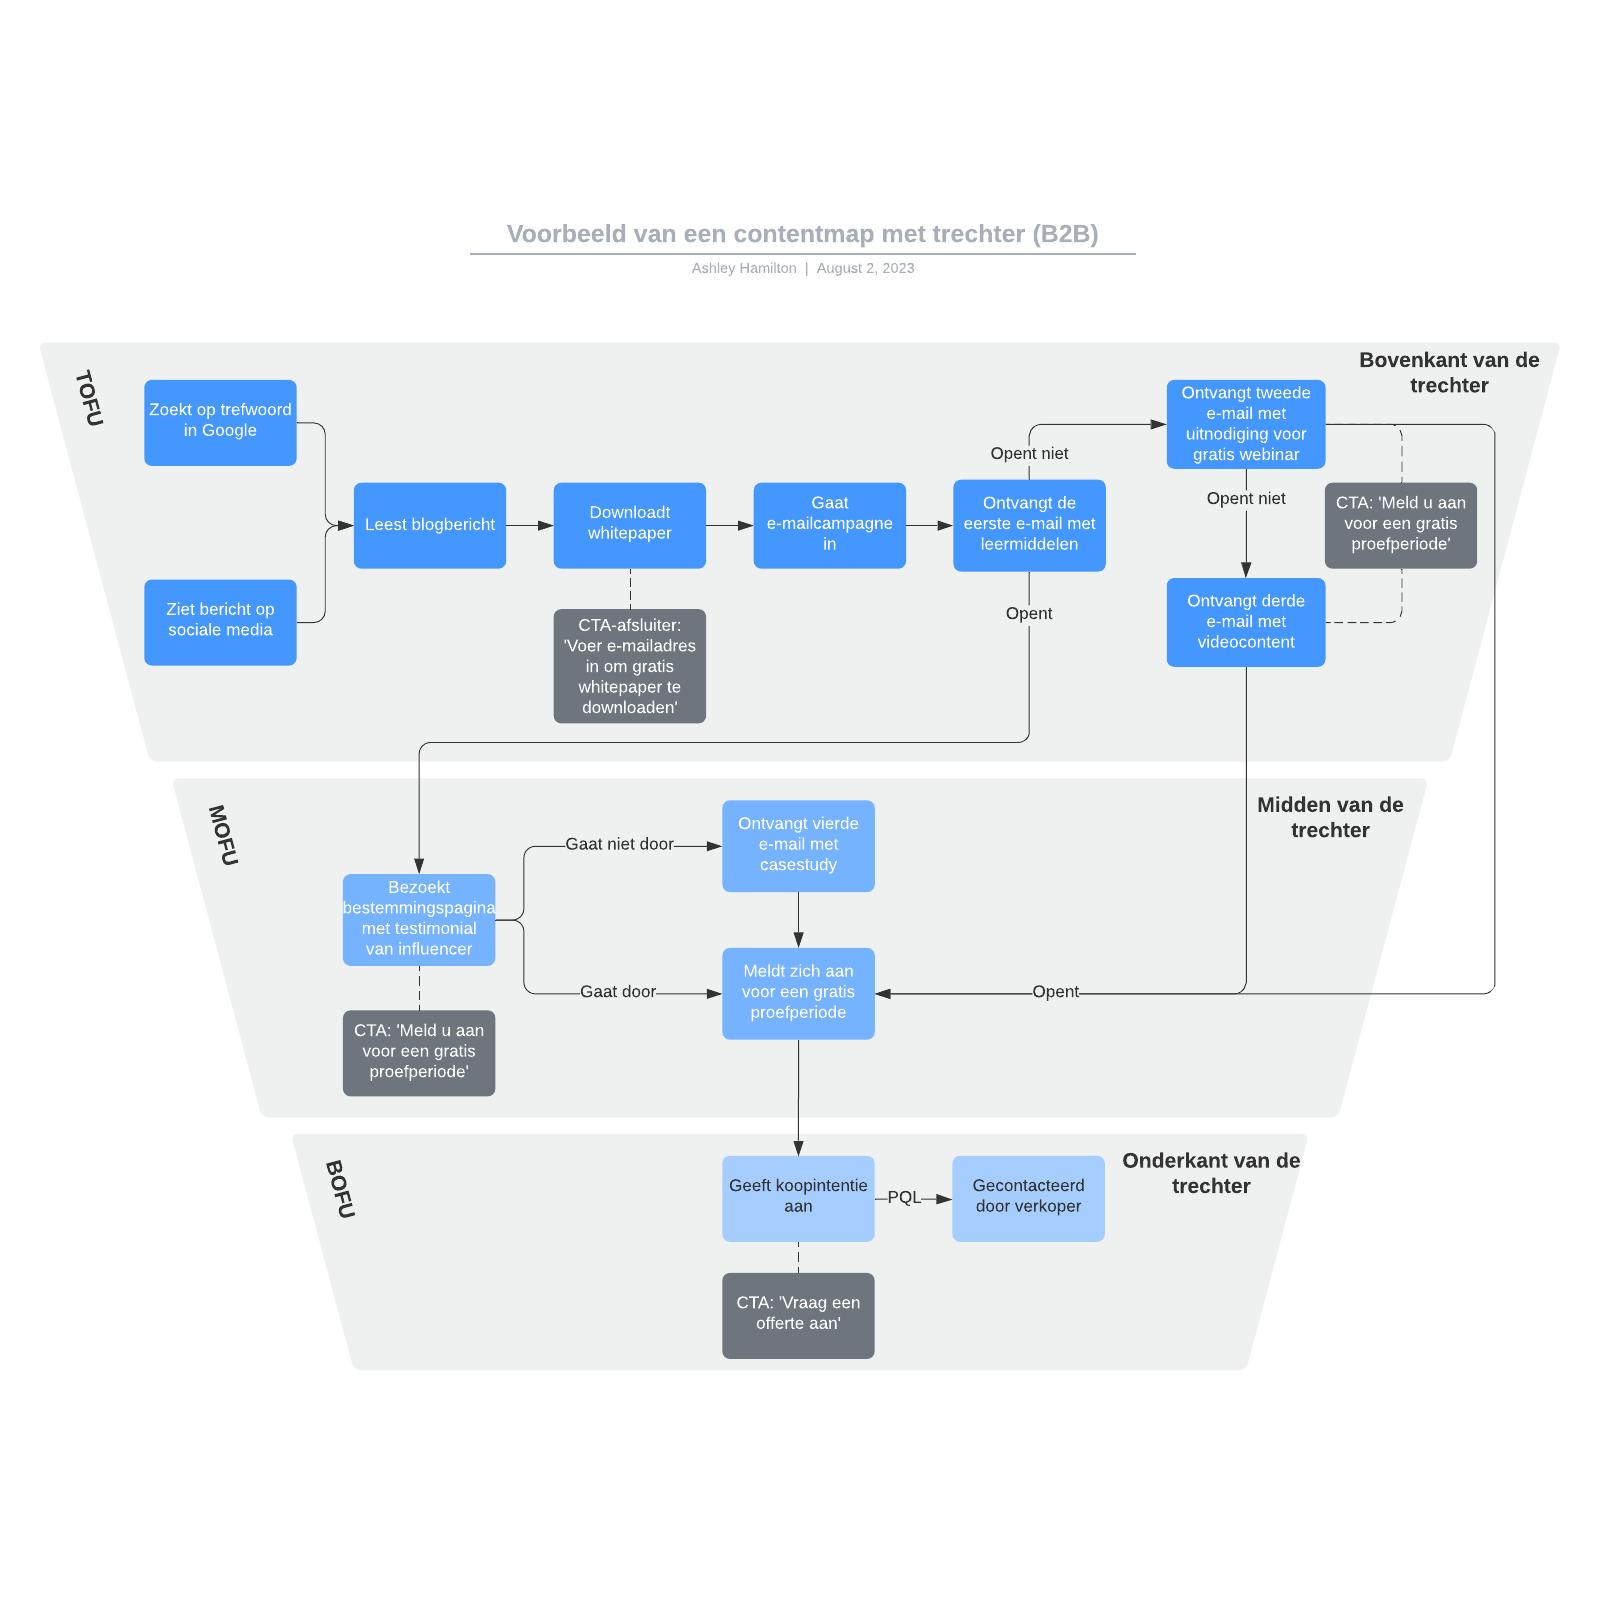 Voorbeeld van een contentmap met trechter (B2B)